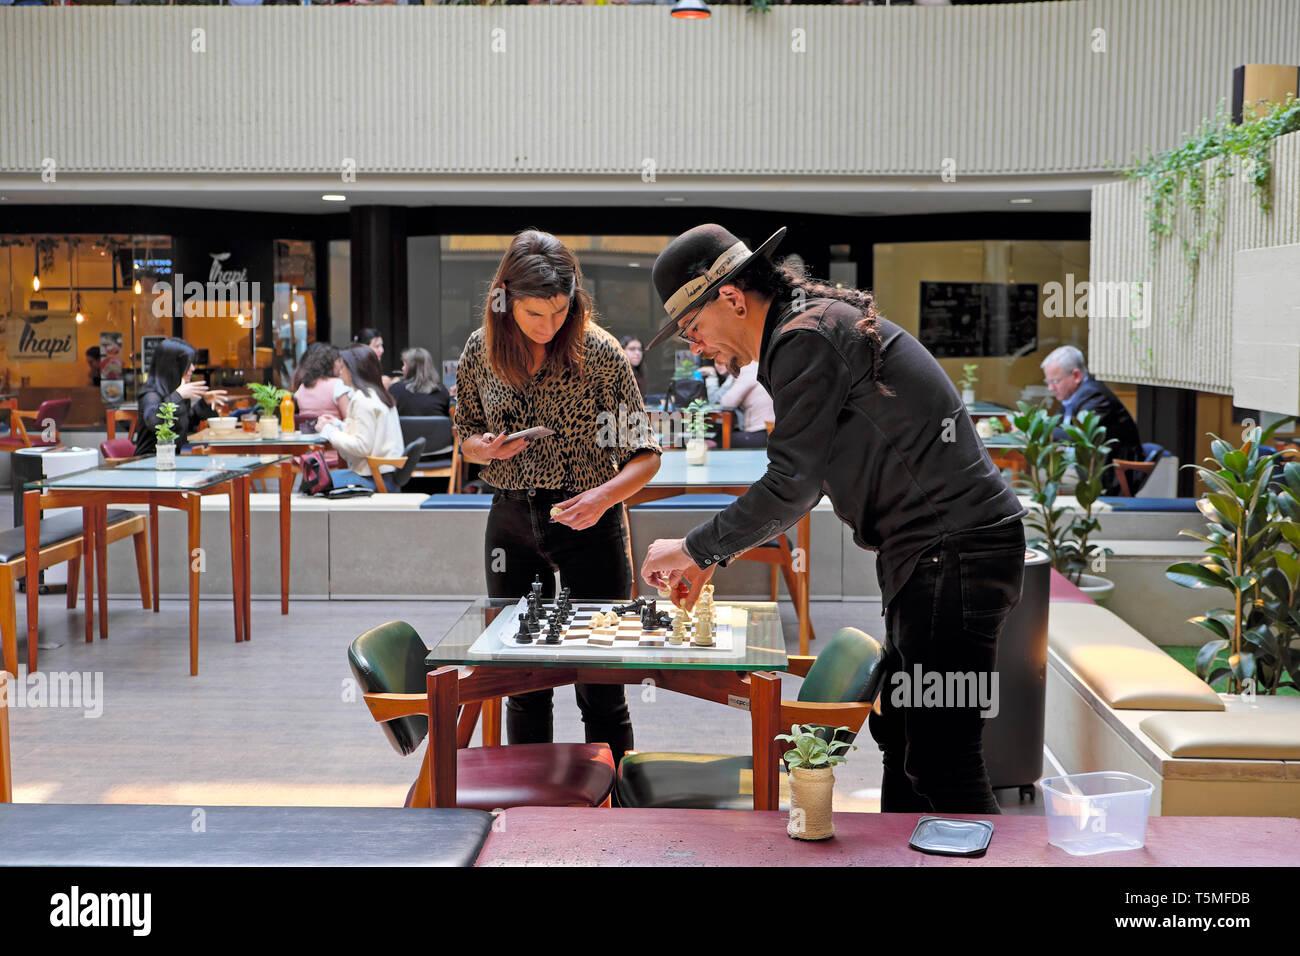 L'homme et la femme dans un café au Galerias Lumière mise en place d'un jeu d'échecs sur une table à l'intérieur du restaurant à Porto, Portugal Europe UE KATHY DEWITT Banque D'Images